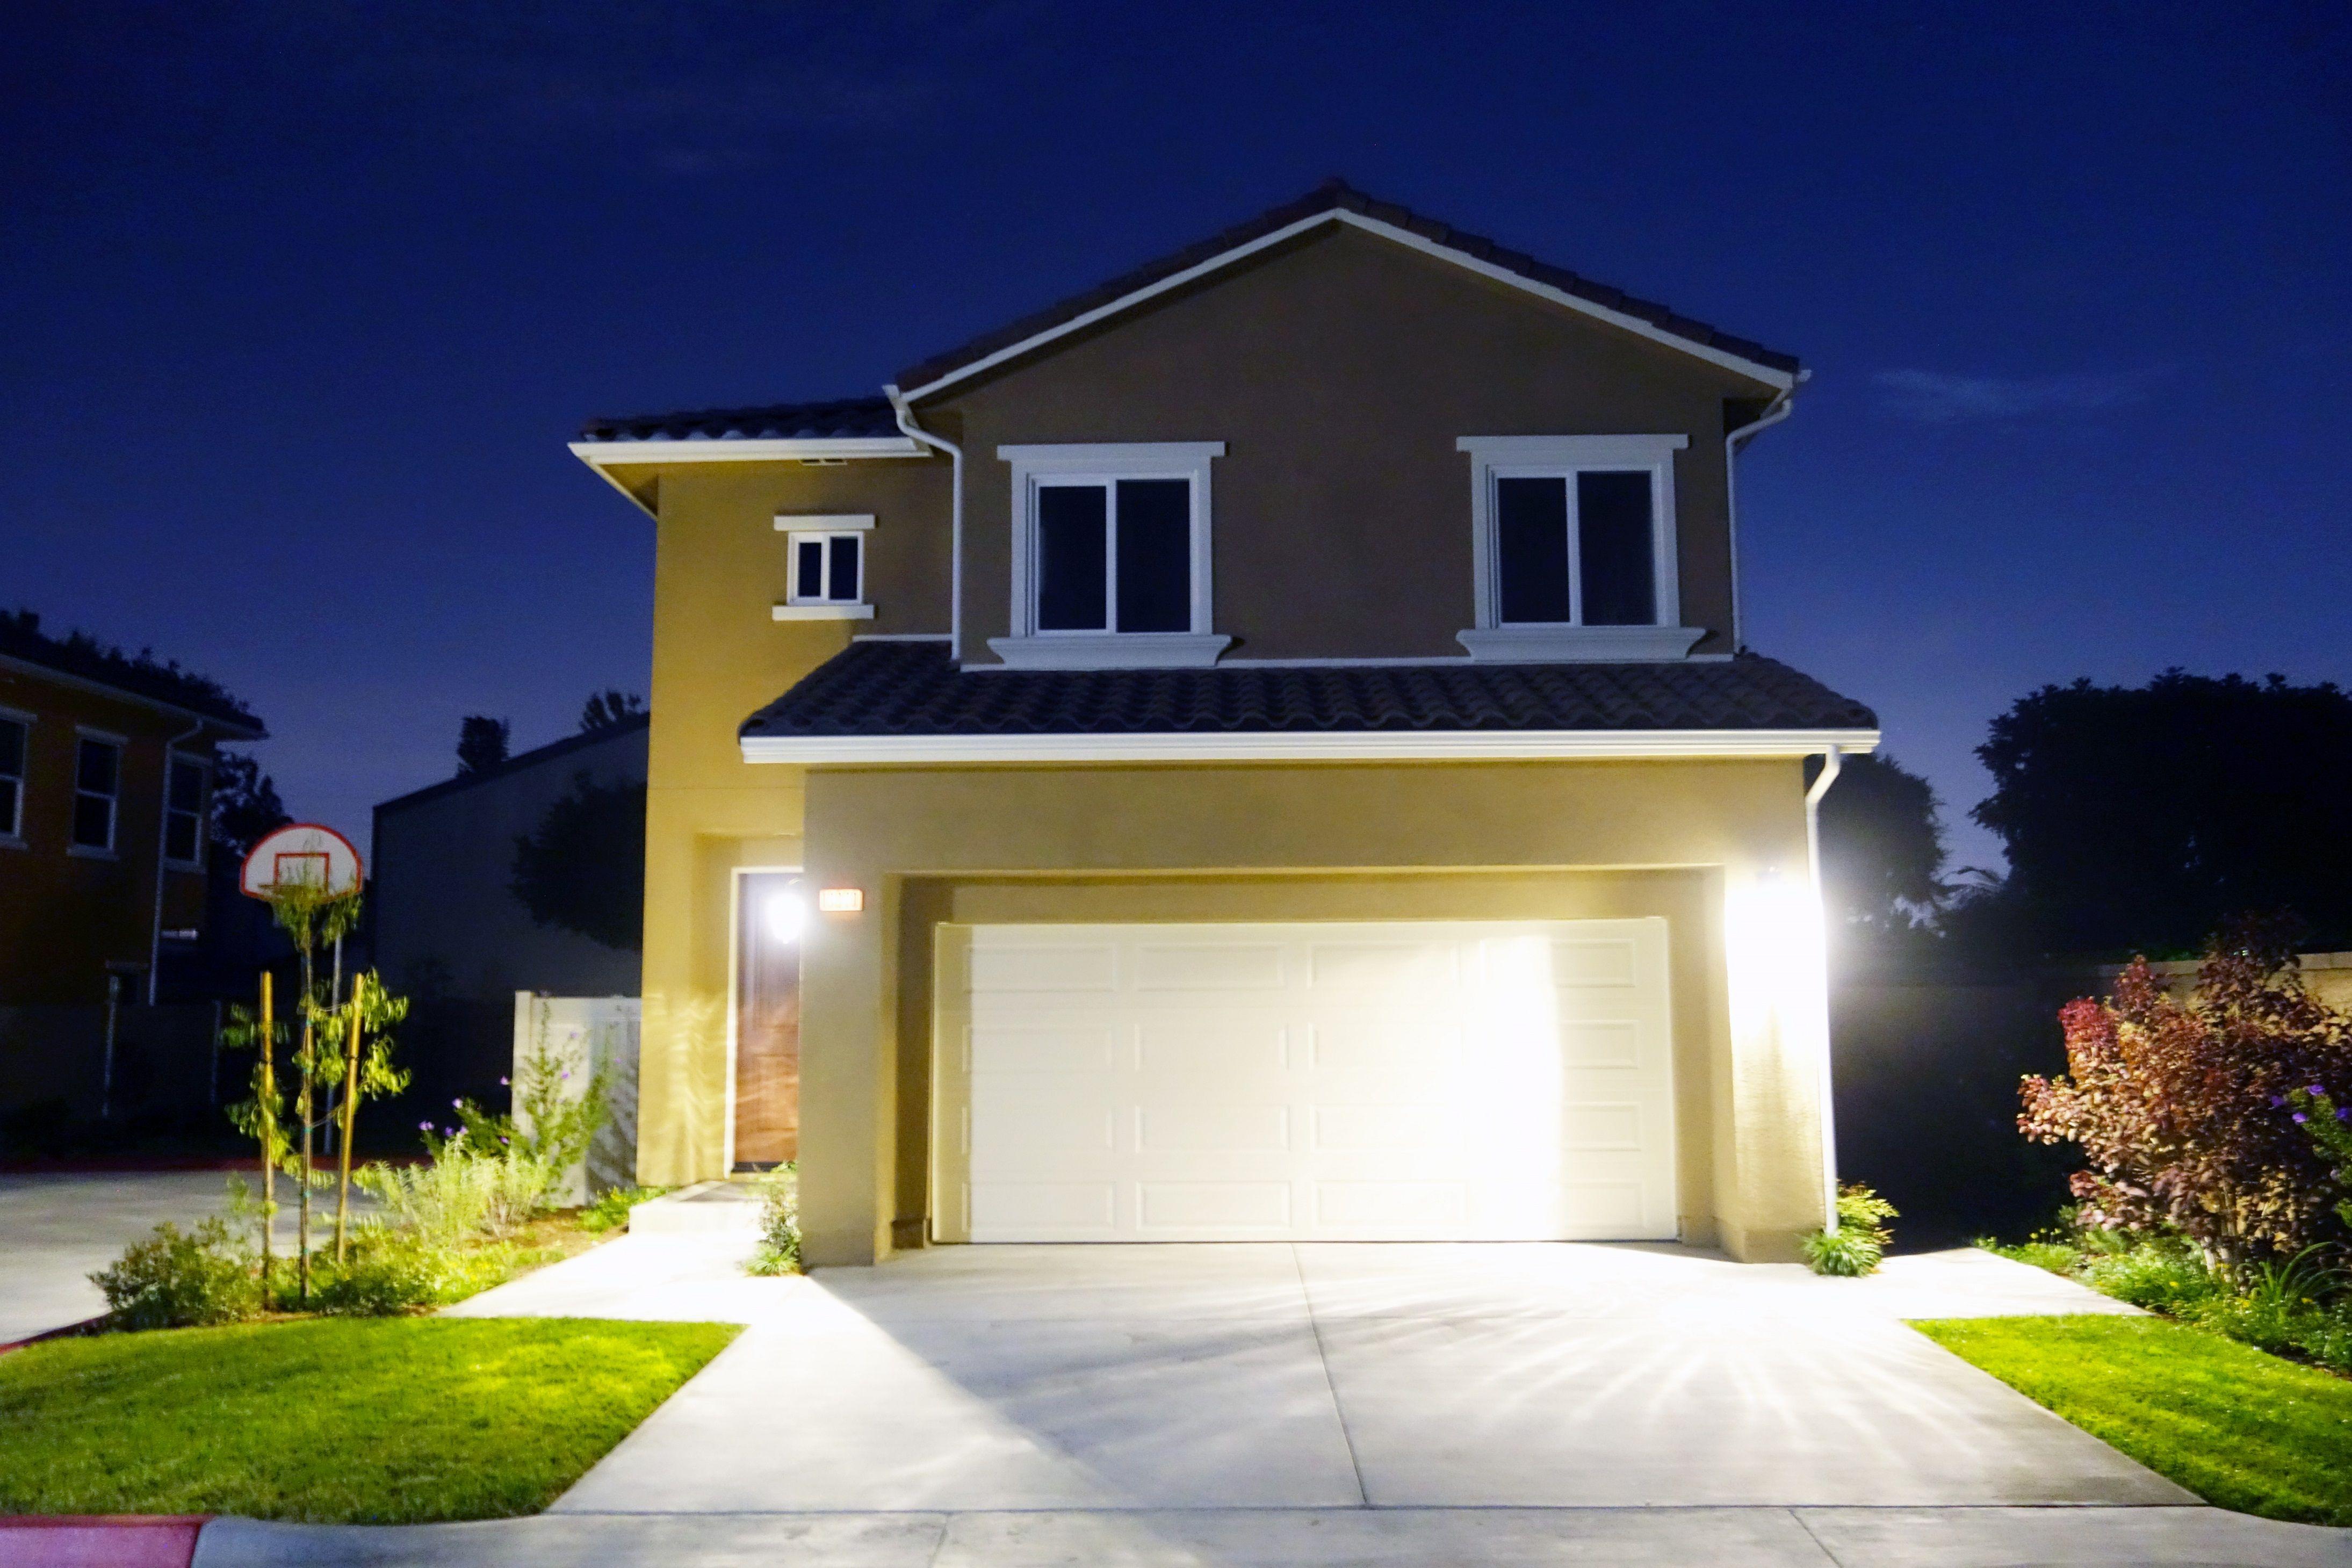 more new homes in garden grove california - New Homes Garden Grove